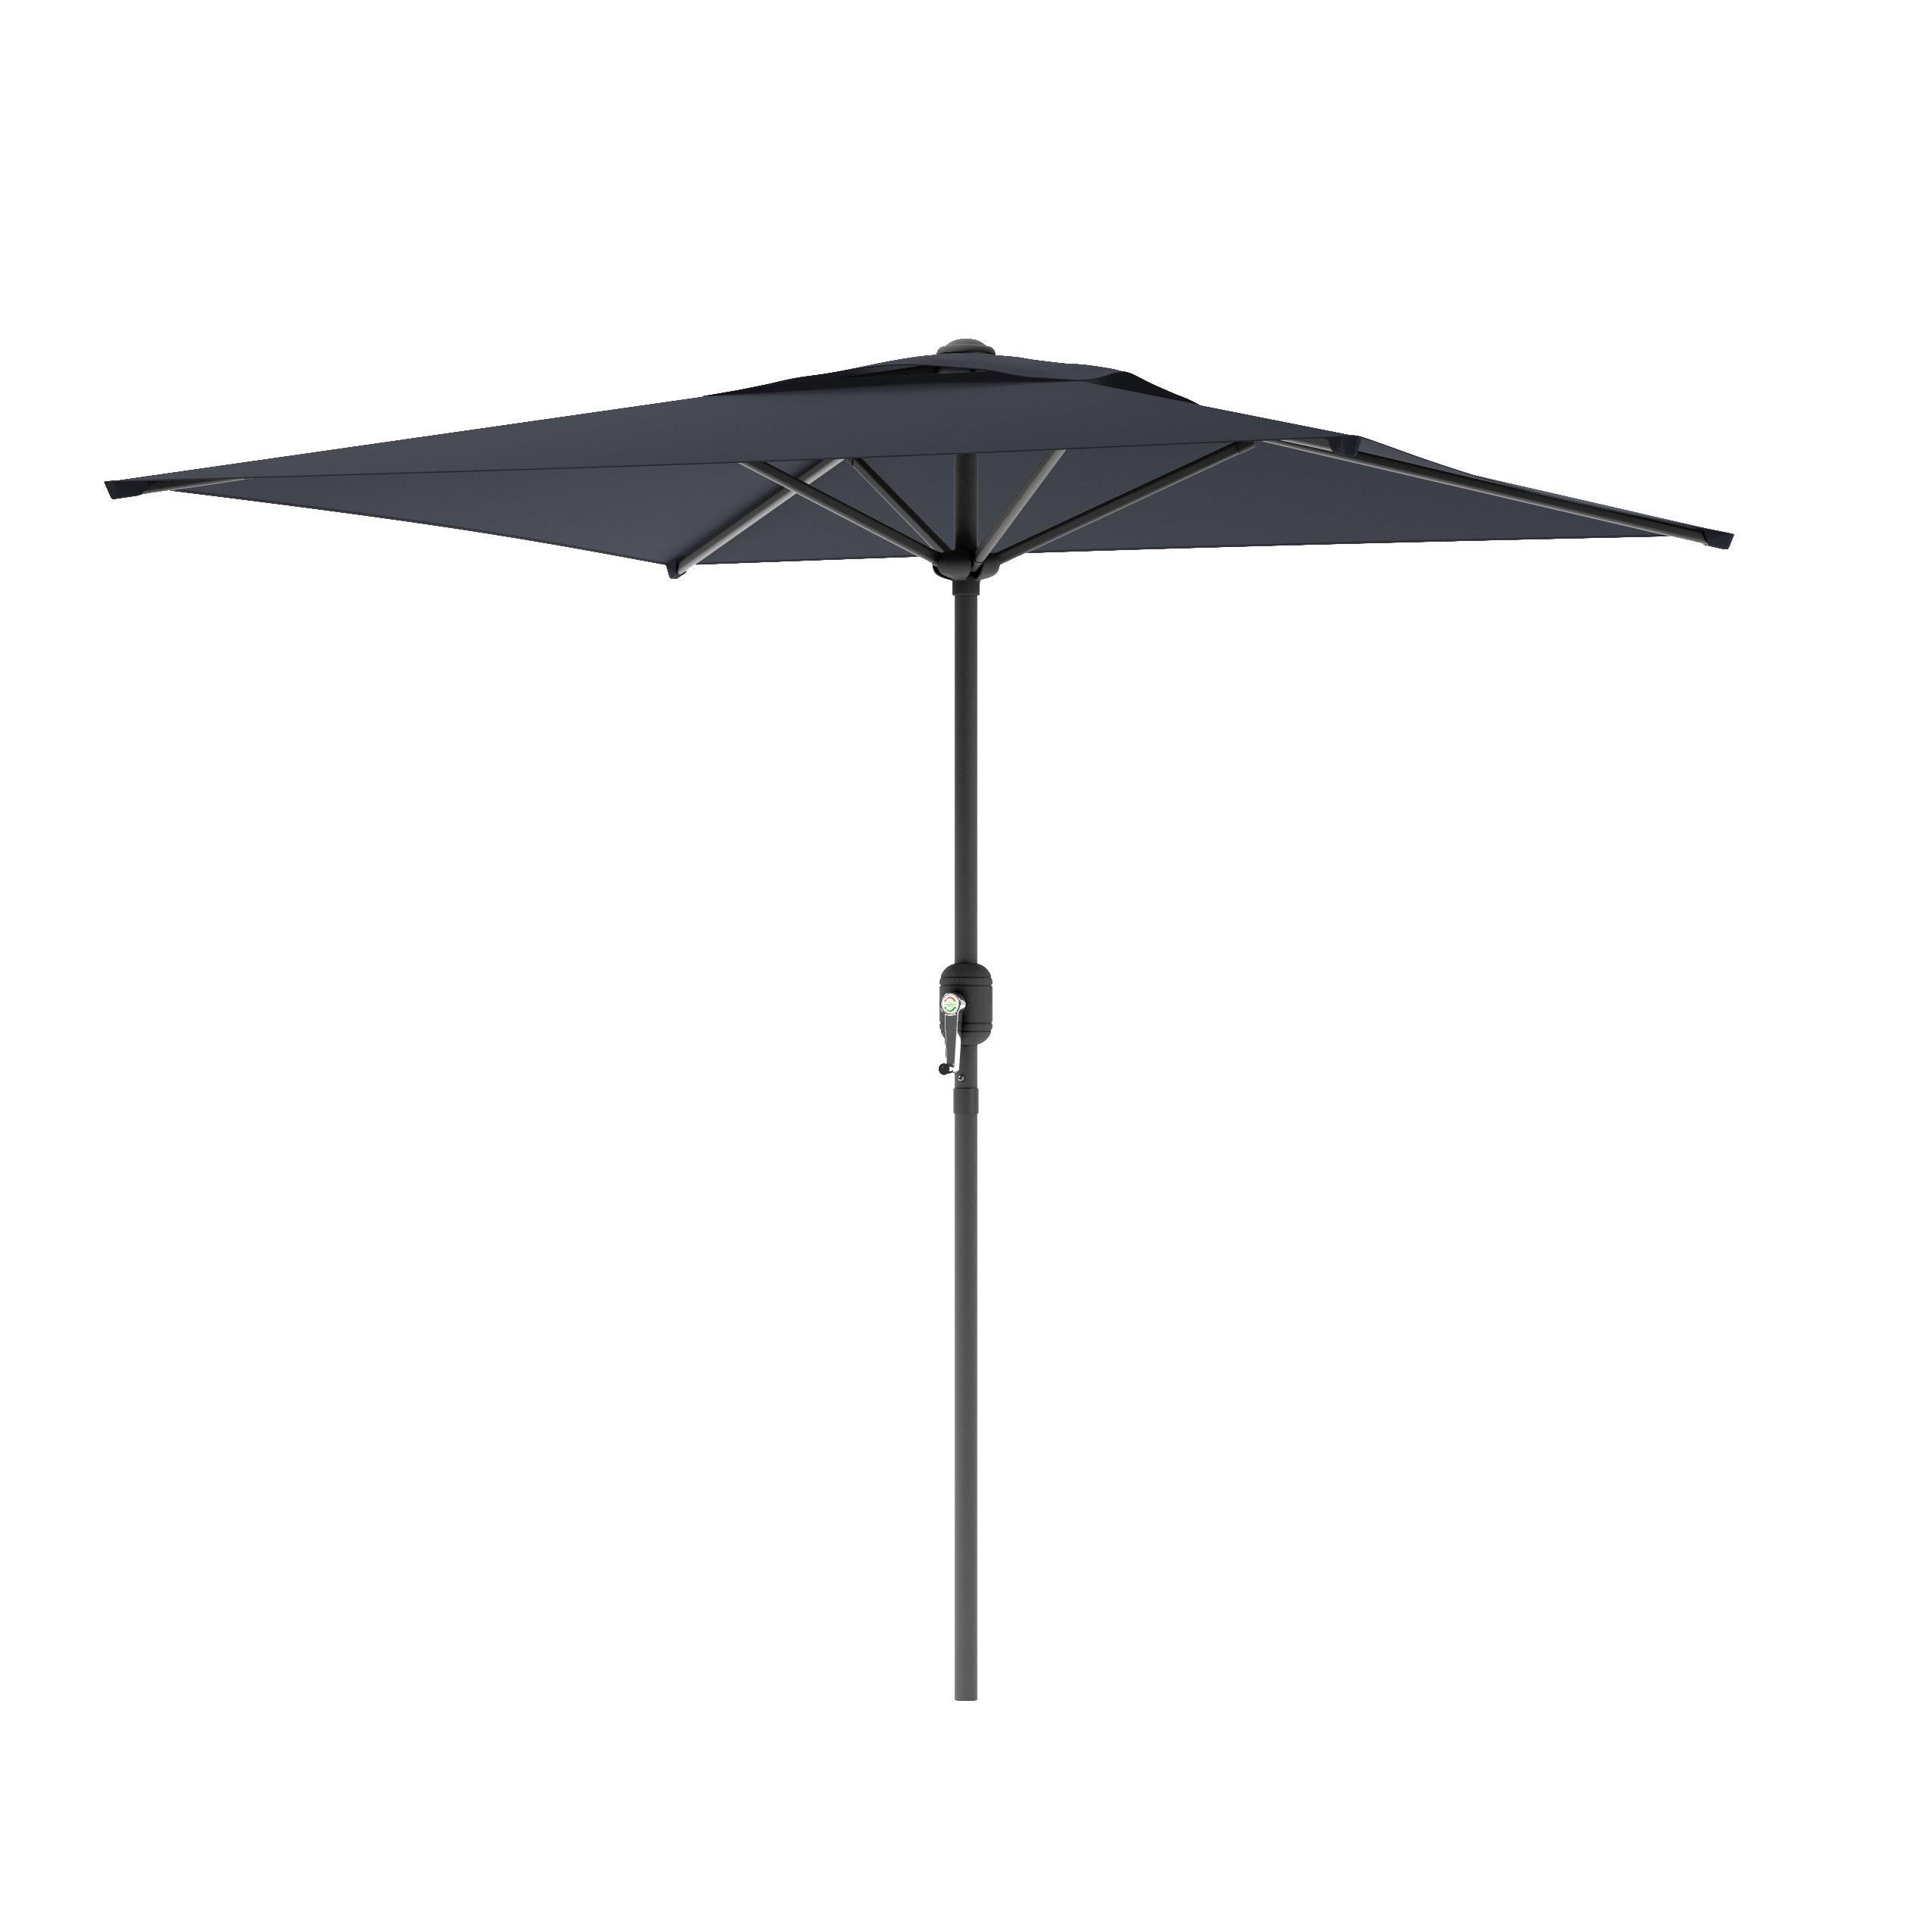 Crowborough 9' Square Market Umbrella For Popular Hapeville Market Umbrellas (View 3 of 20)